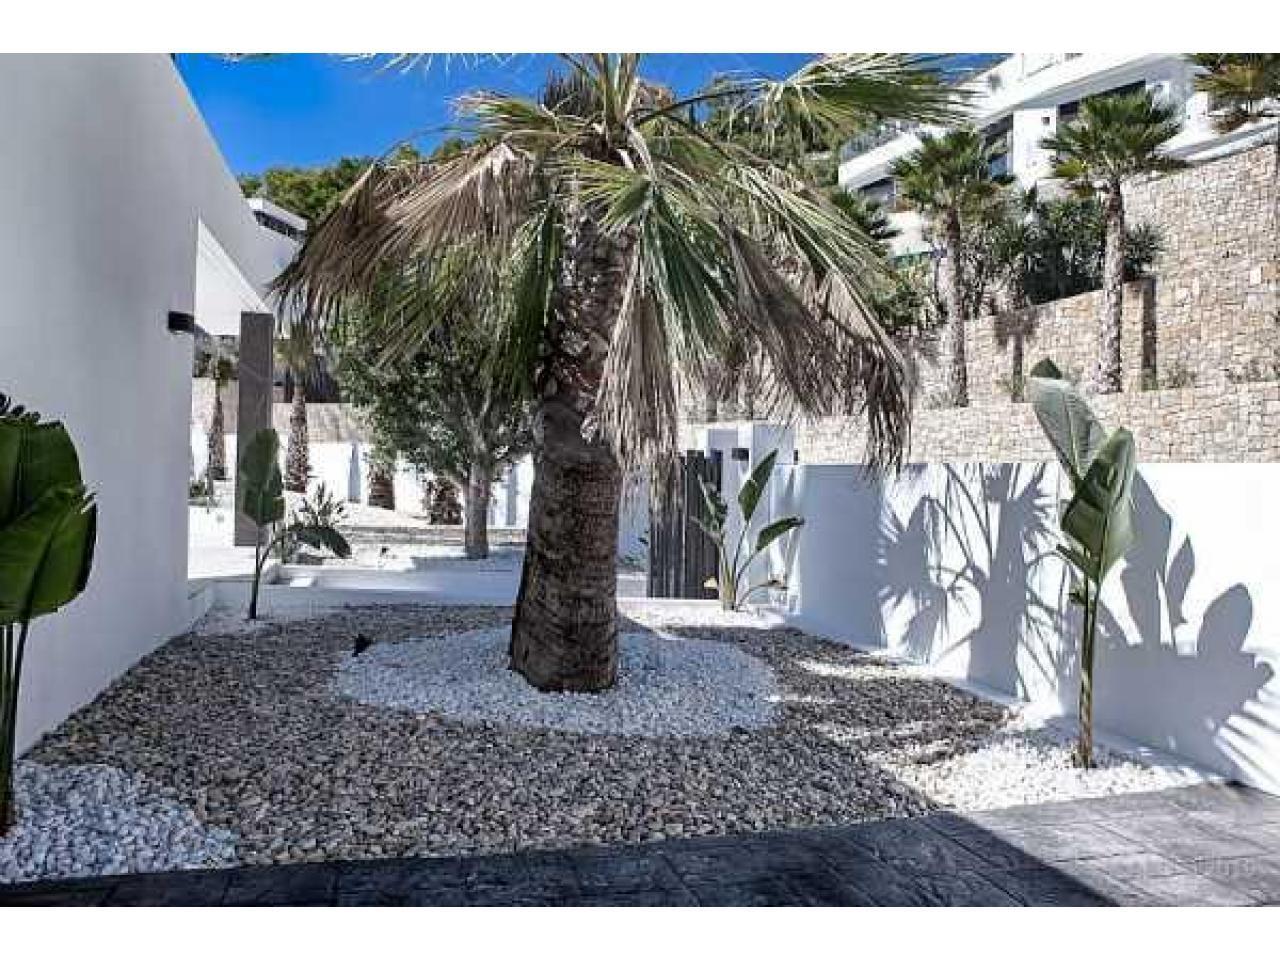 Недвижимость в Испании, Новая вилла с видами на море от застройщика в Венисса,Коста Бланка,Испания - 5